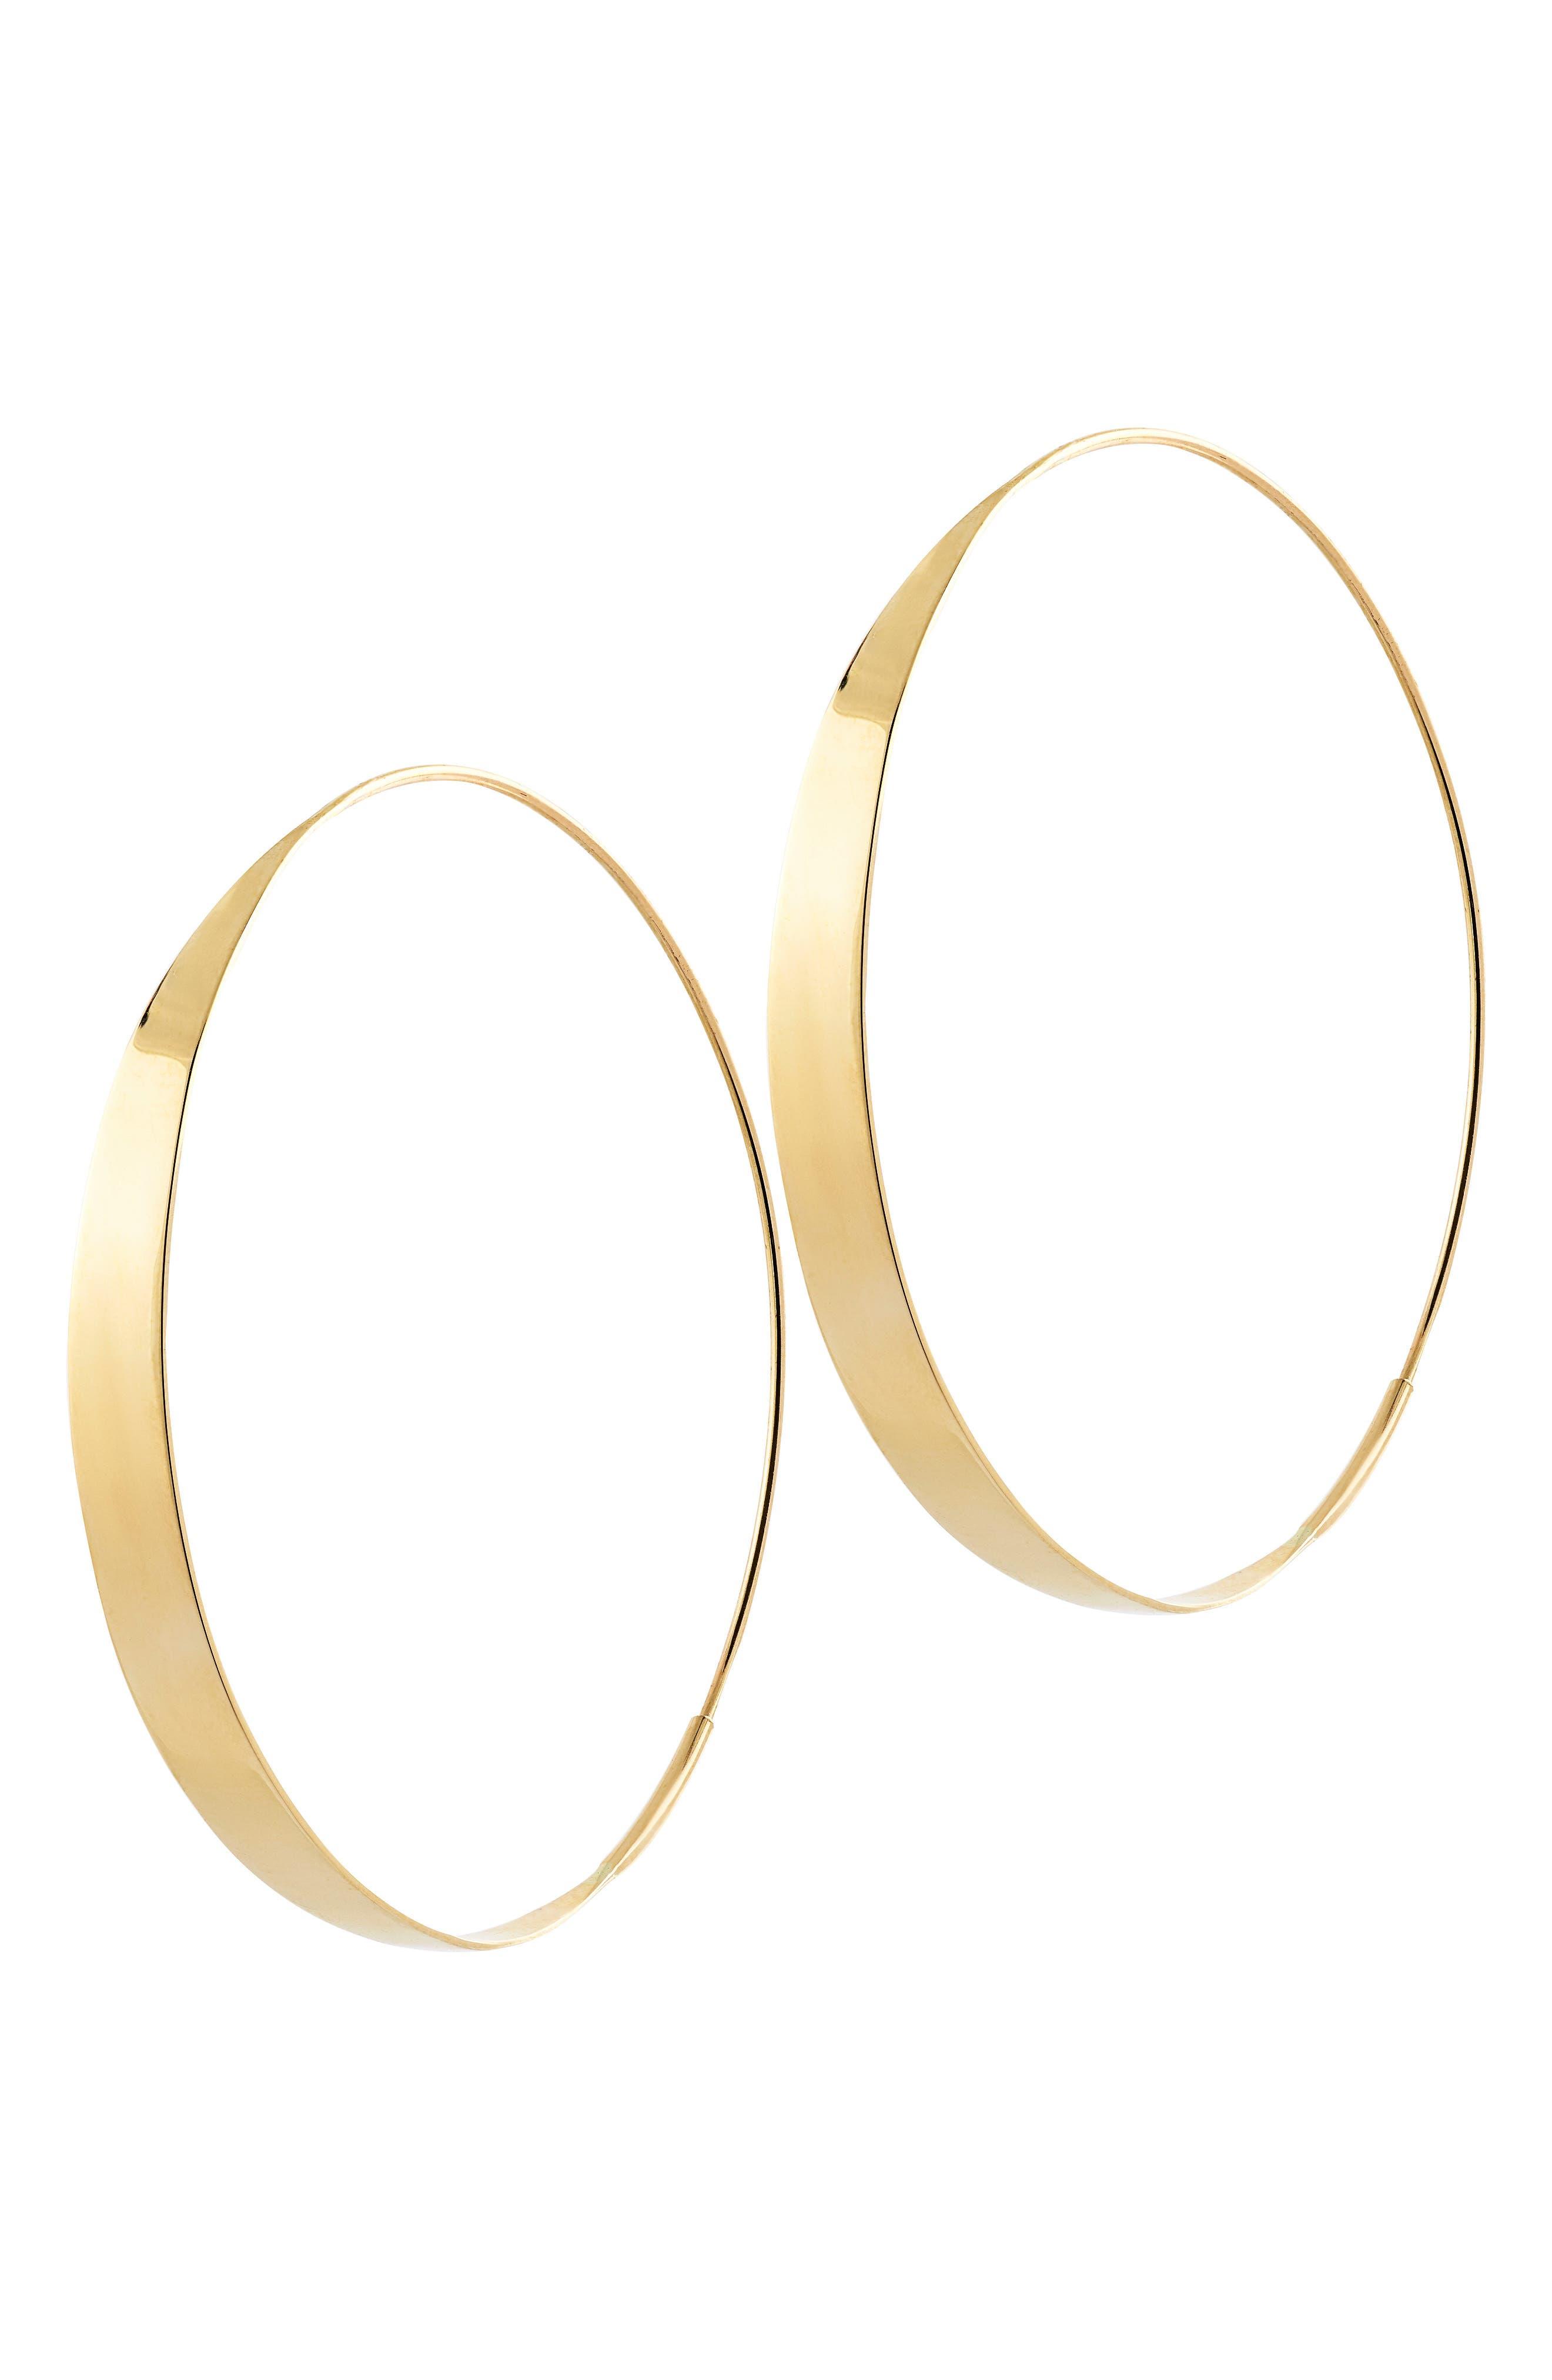 Bond Endless Hoop Earrings,                             Main thumbnail 1, color,                             YELLOW GOLD